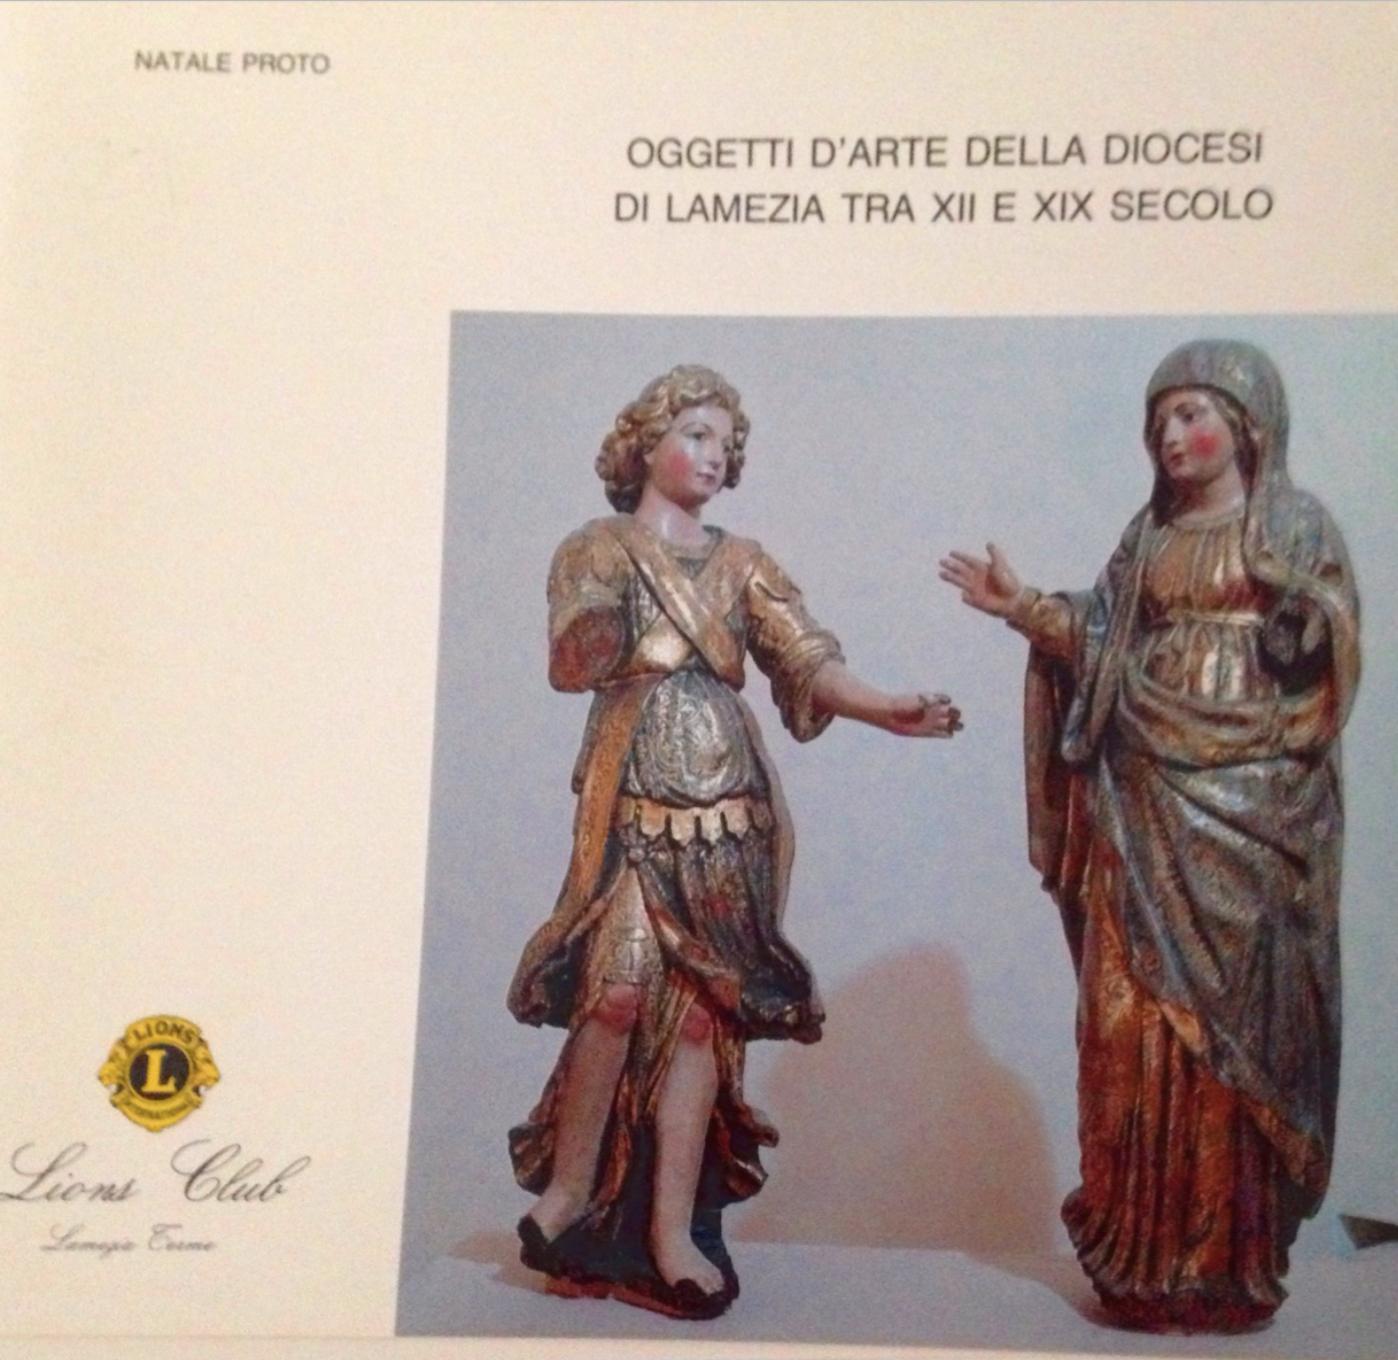 Oggetti d'arte della diocesi di Lamezia tra XII e XIX secolo